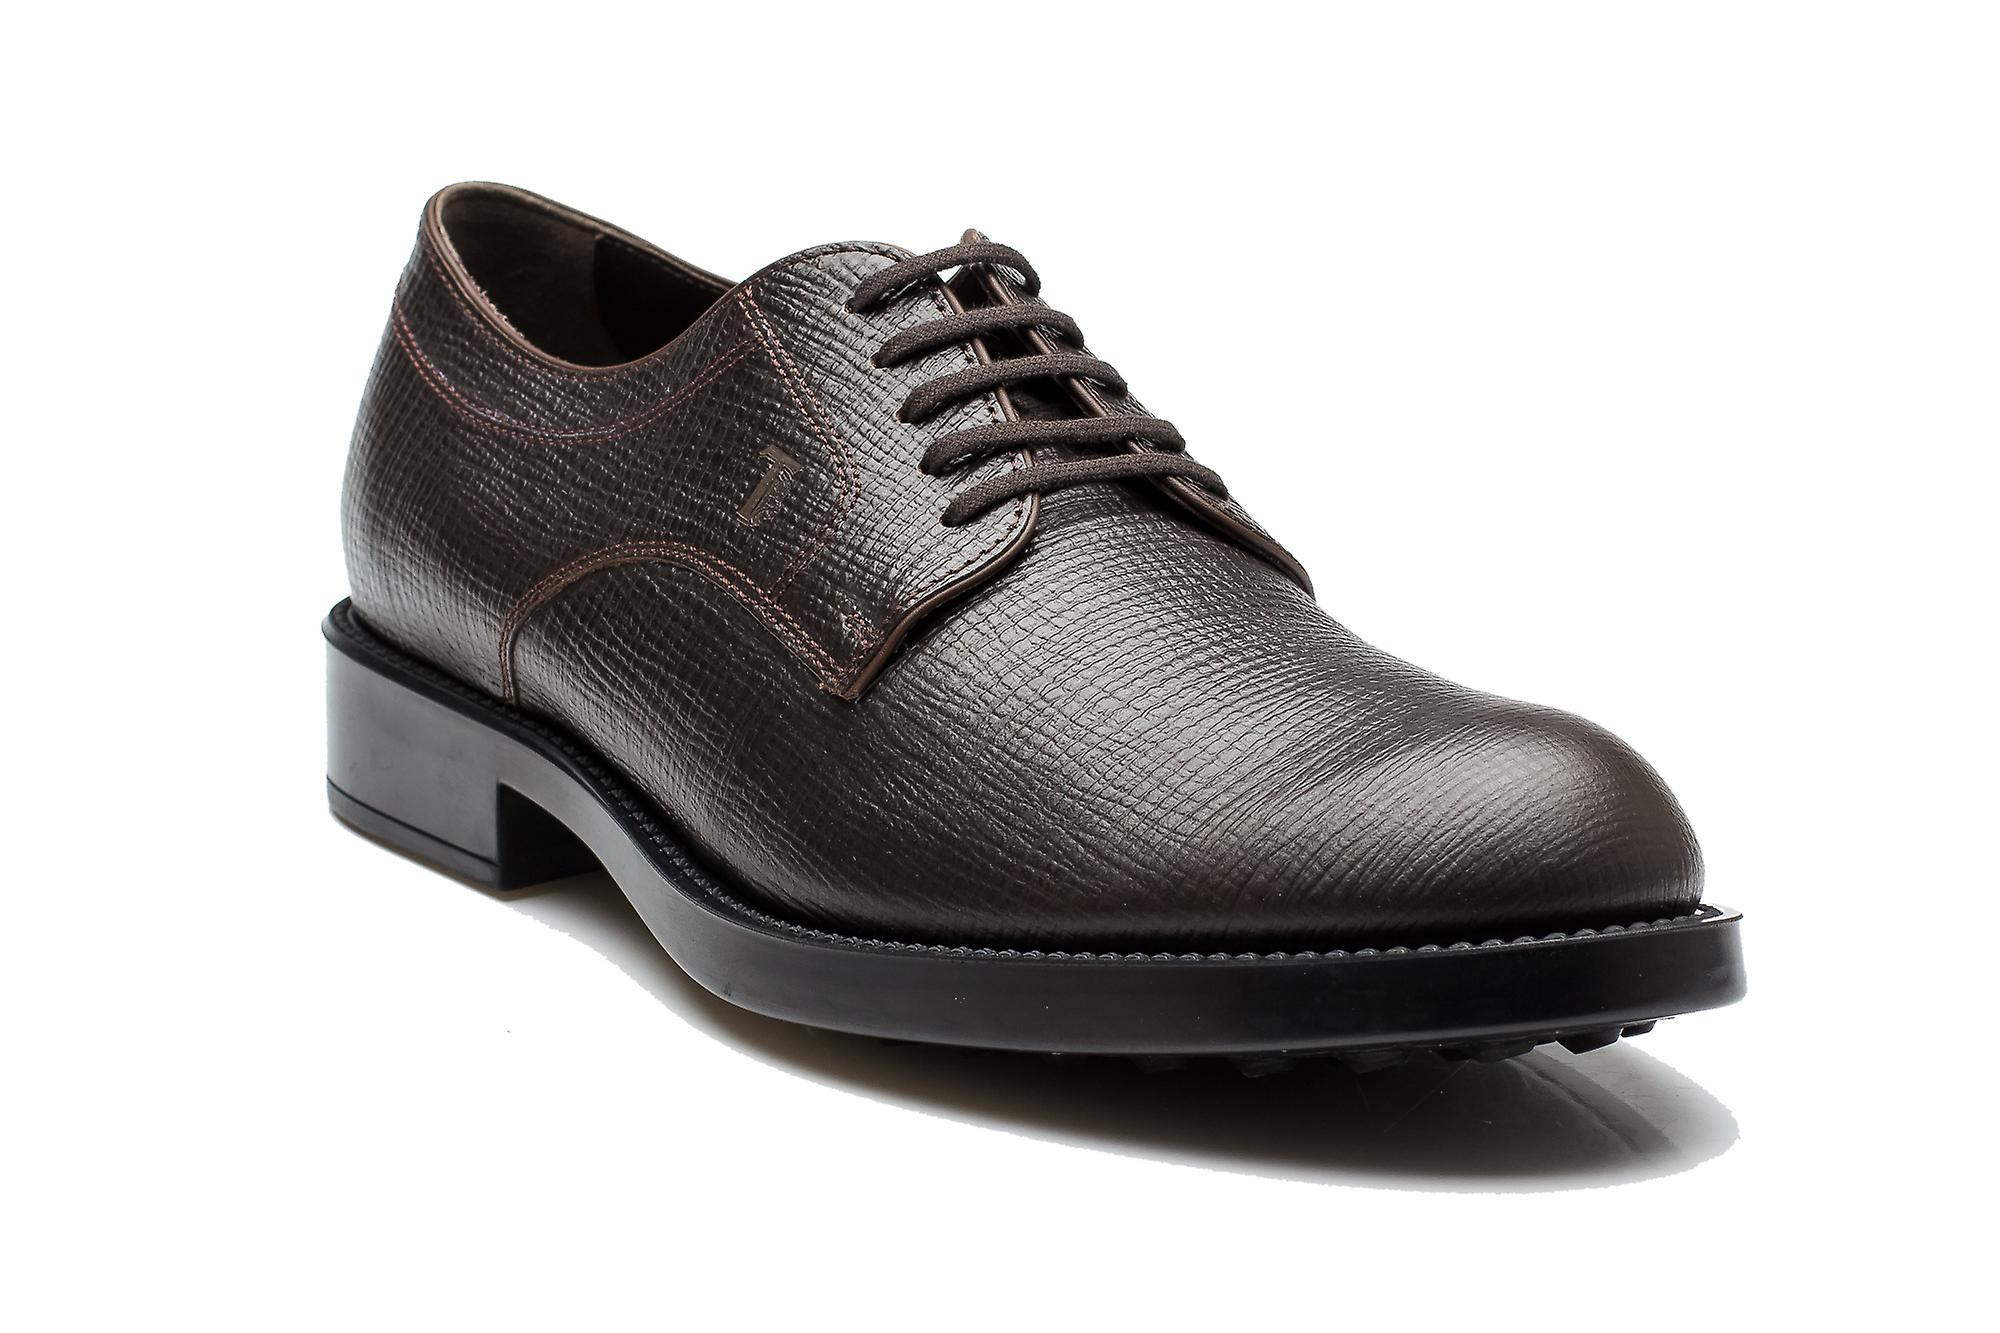 Tods Herren Saffiano-Leder Derby Liscia Esquire Giovane Oxford Kleid Schuhe Braun